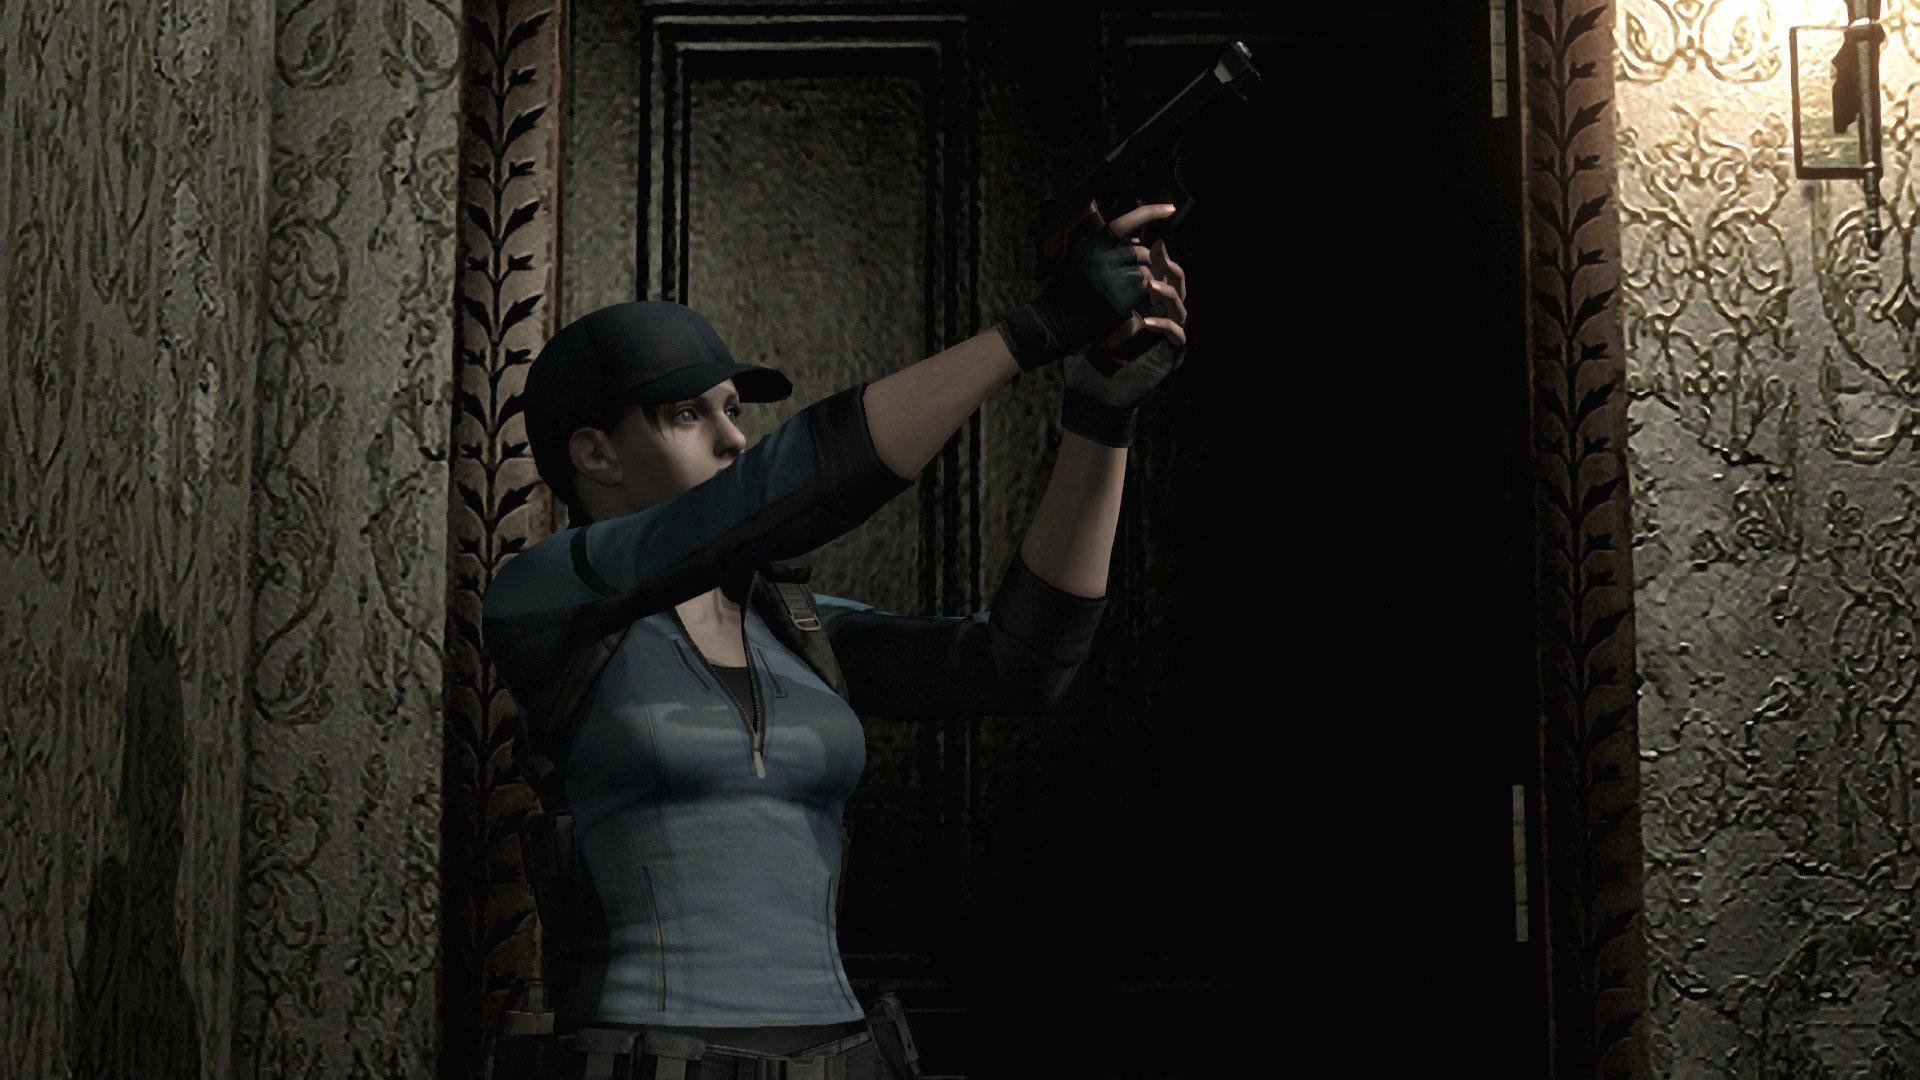 Comment faire une capture d'écran dans Resident Evil HD Remaster